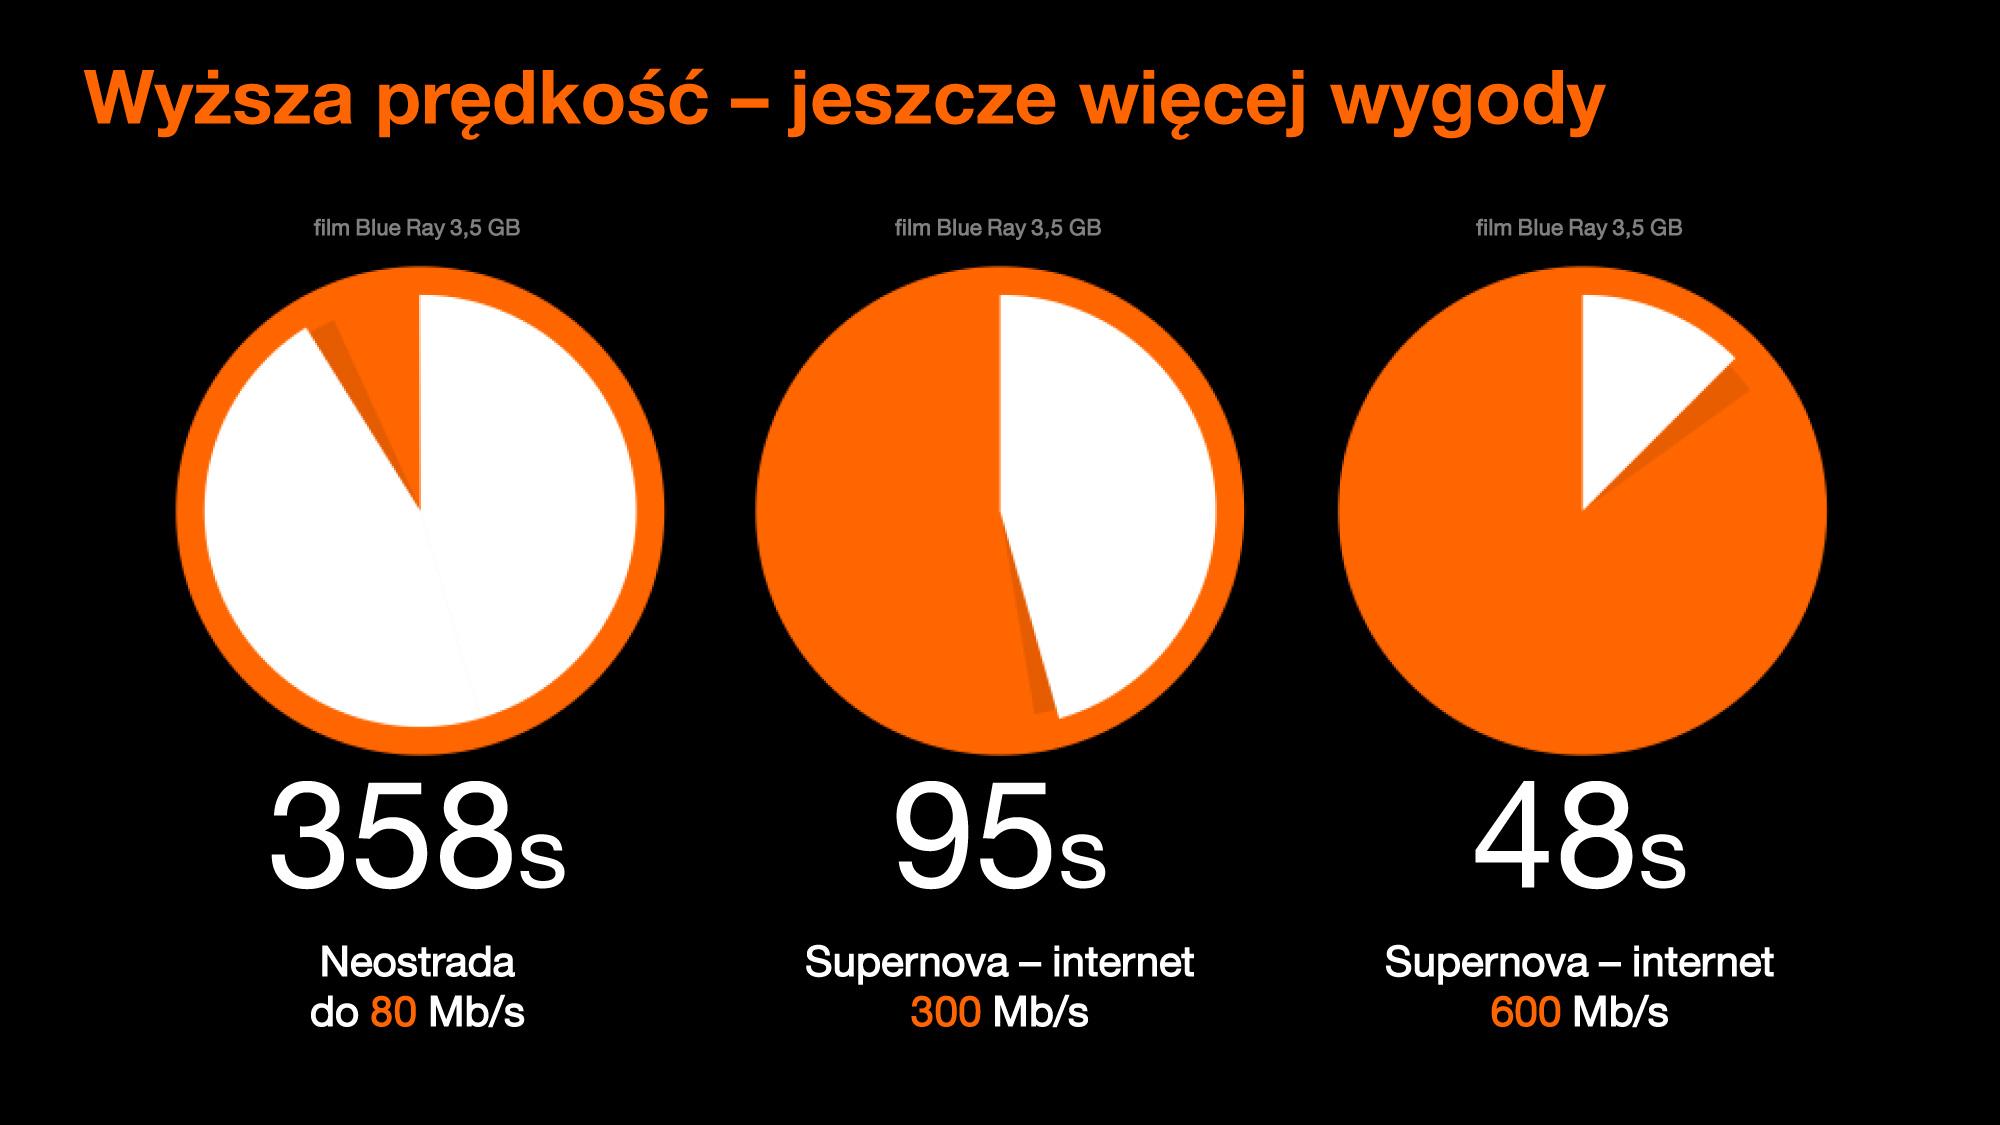 orange supernova 600 mbits. Black Bedroom Furniture Sets. Home Design Ideas